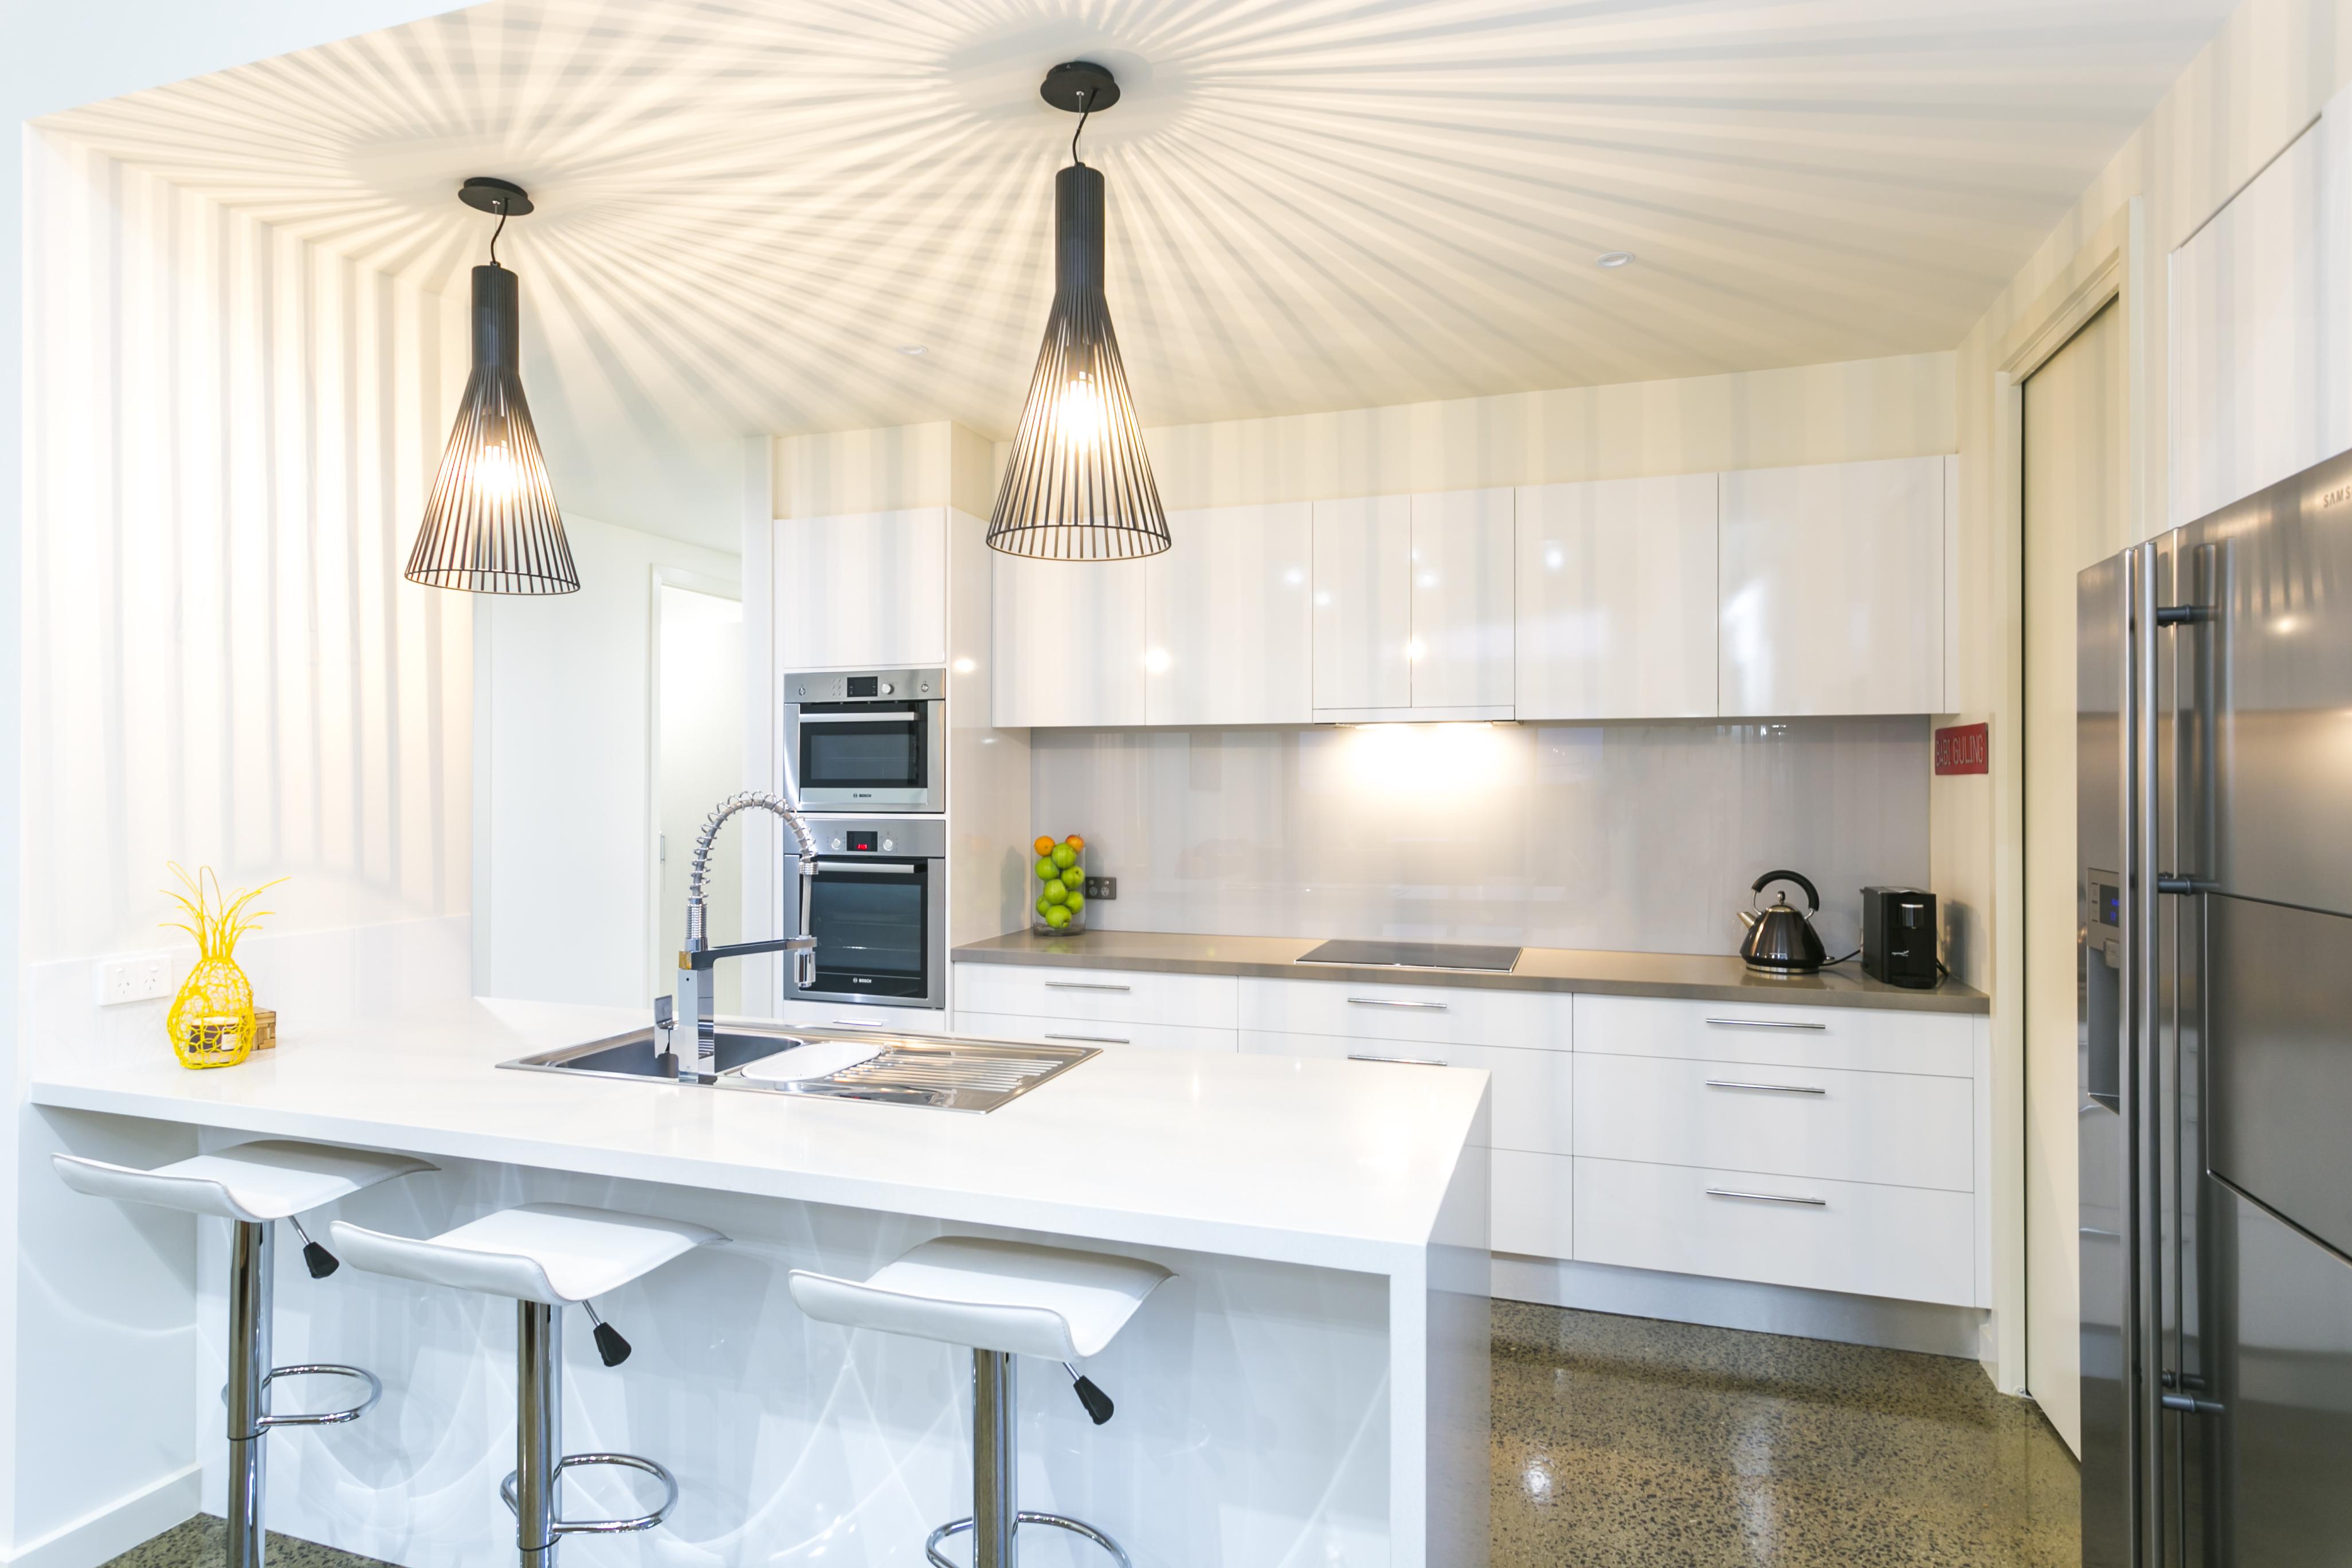 Top Kitchen Do\'s & Don\'ts - Pivot Homes